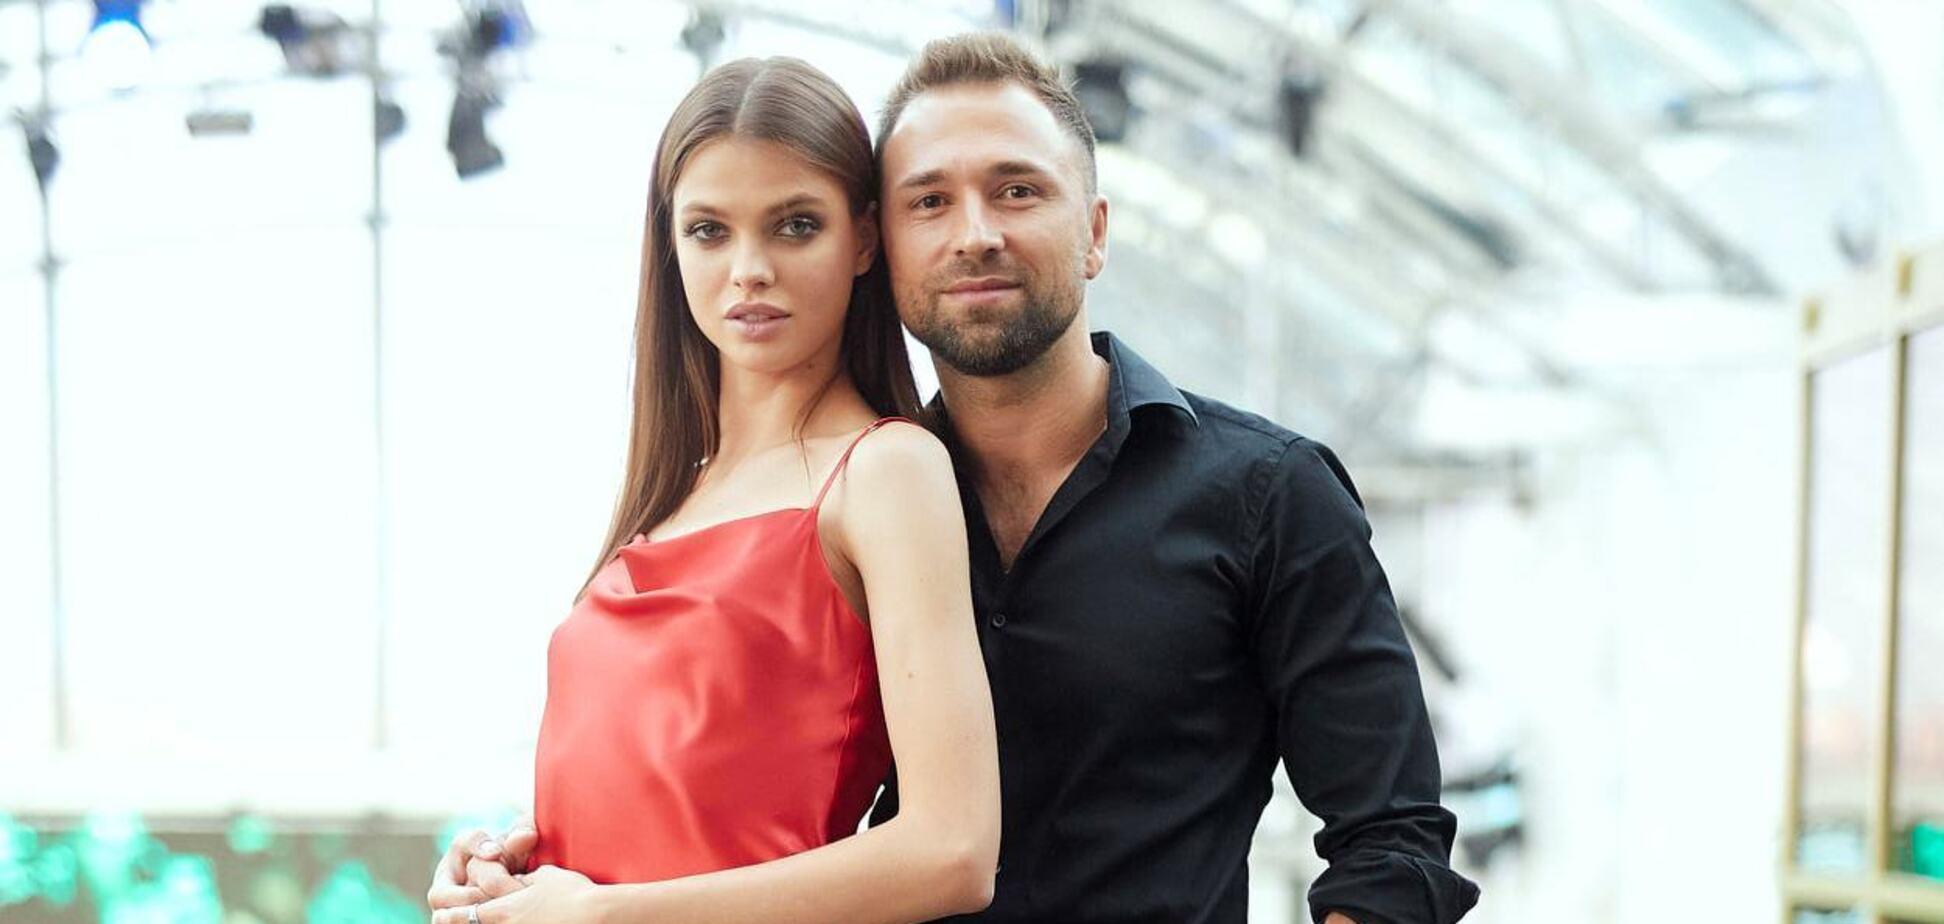 'Холостяк' Макс Михайлюк і Даша Хлистун таємно одружилися. Фото з весілля